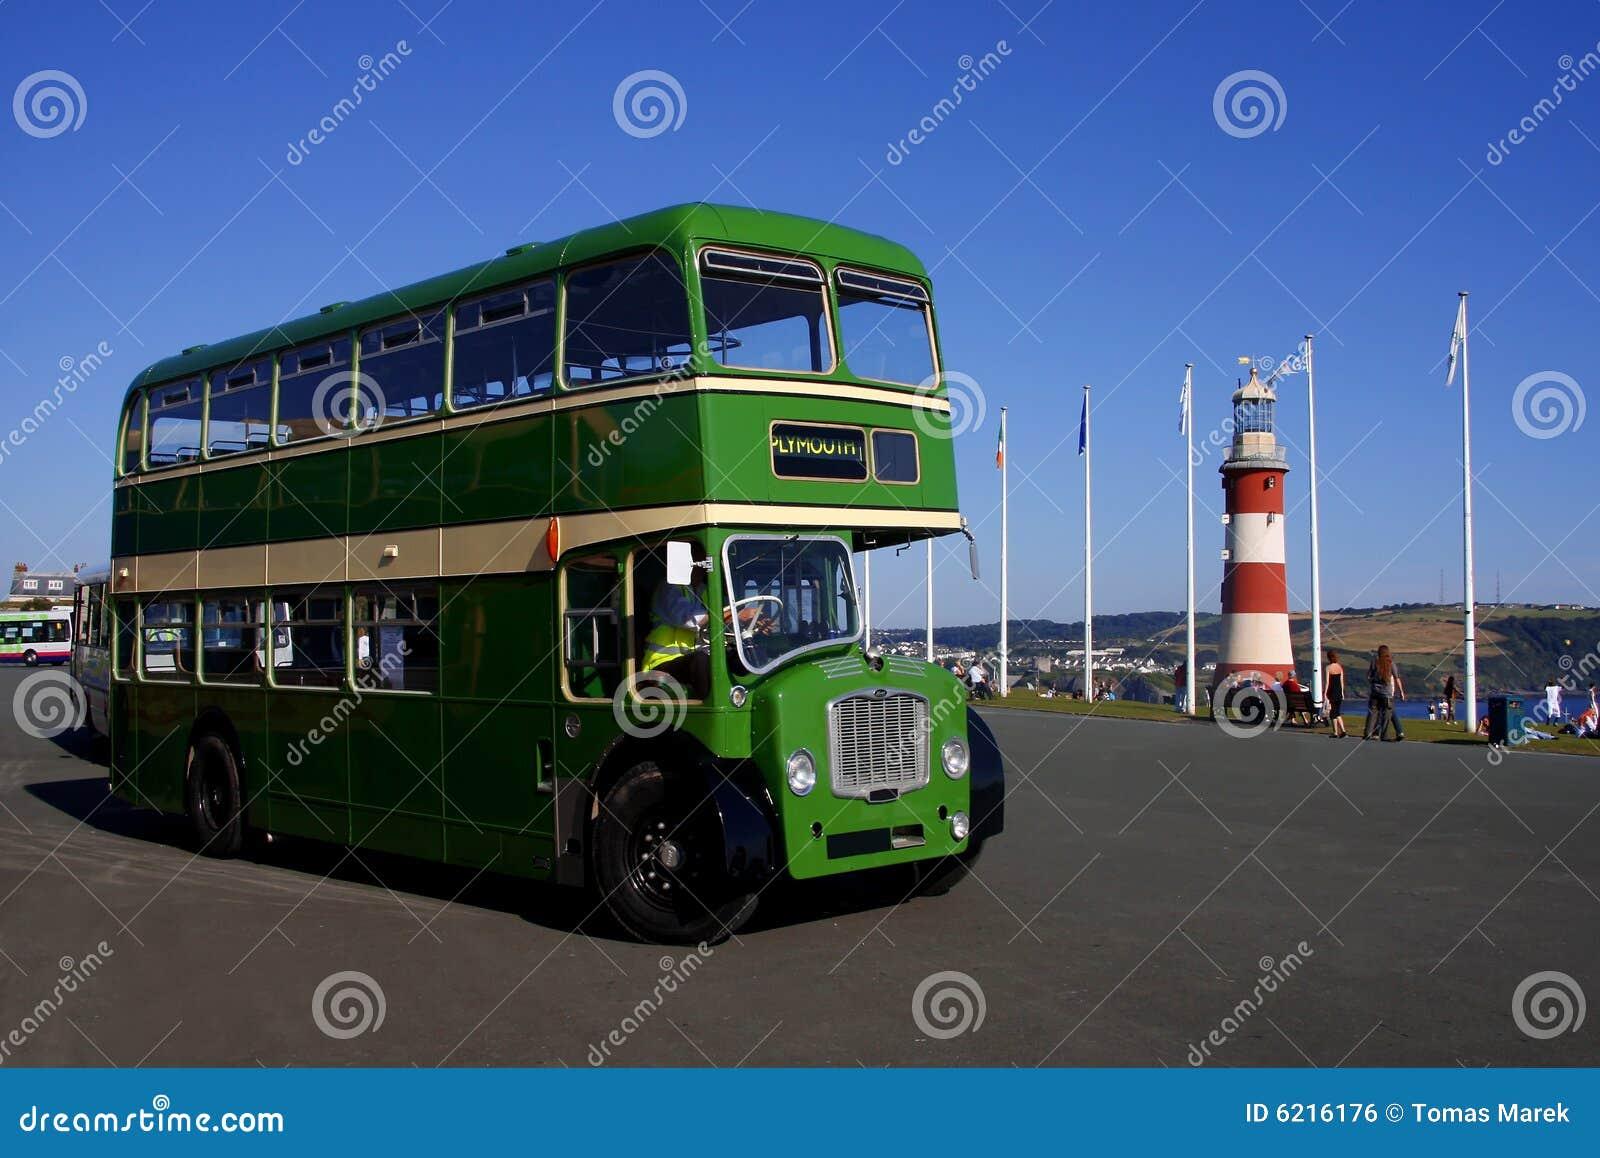 autobus a due piani plymouth inghilterra regno unito